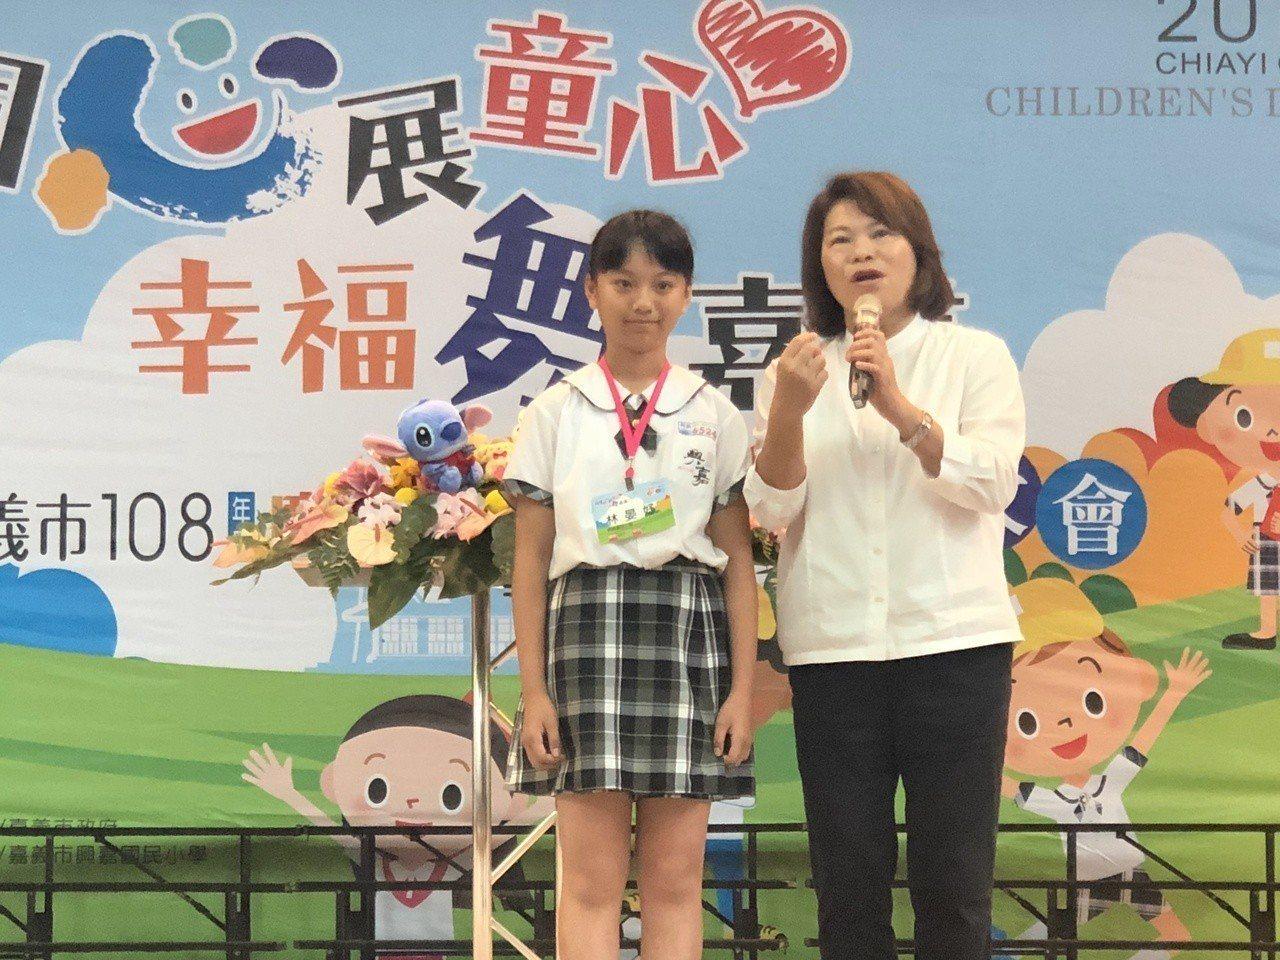 嘉義市長黃敏惠今天出席模範兒童表揚大會。記者李承穎/攝影